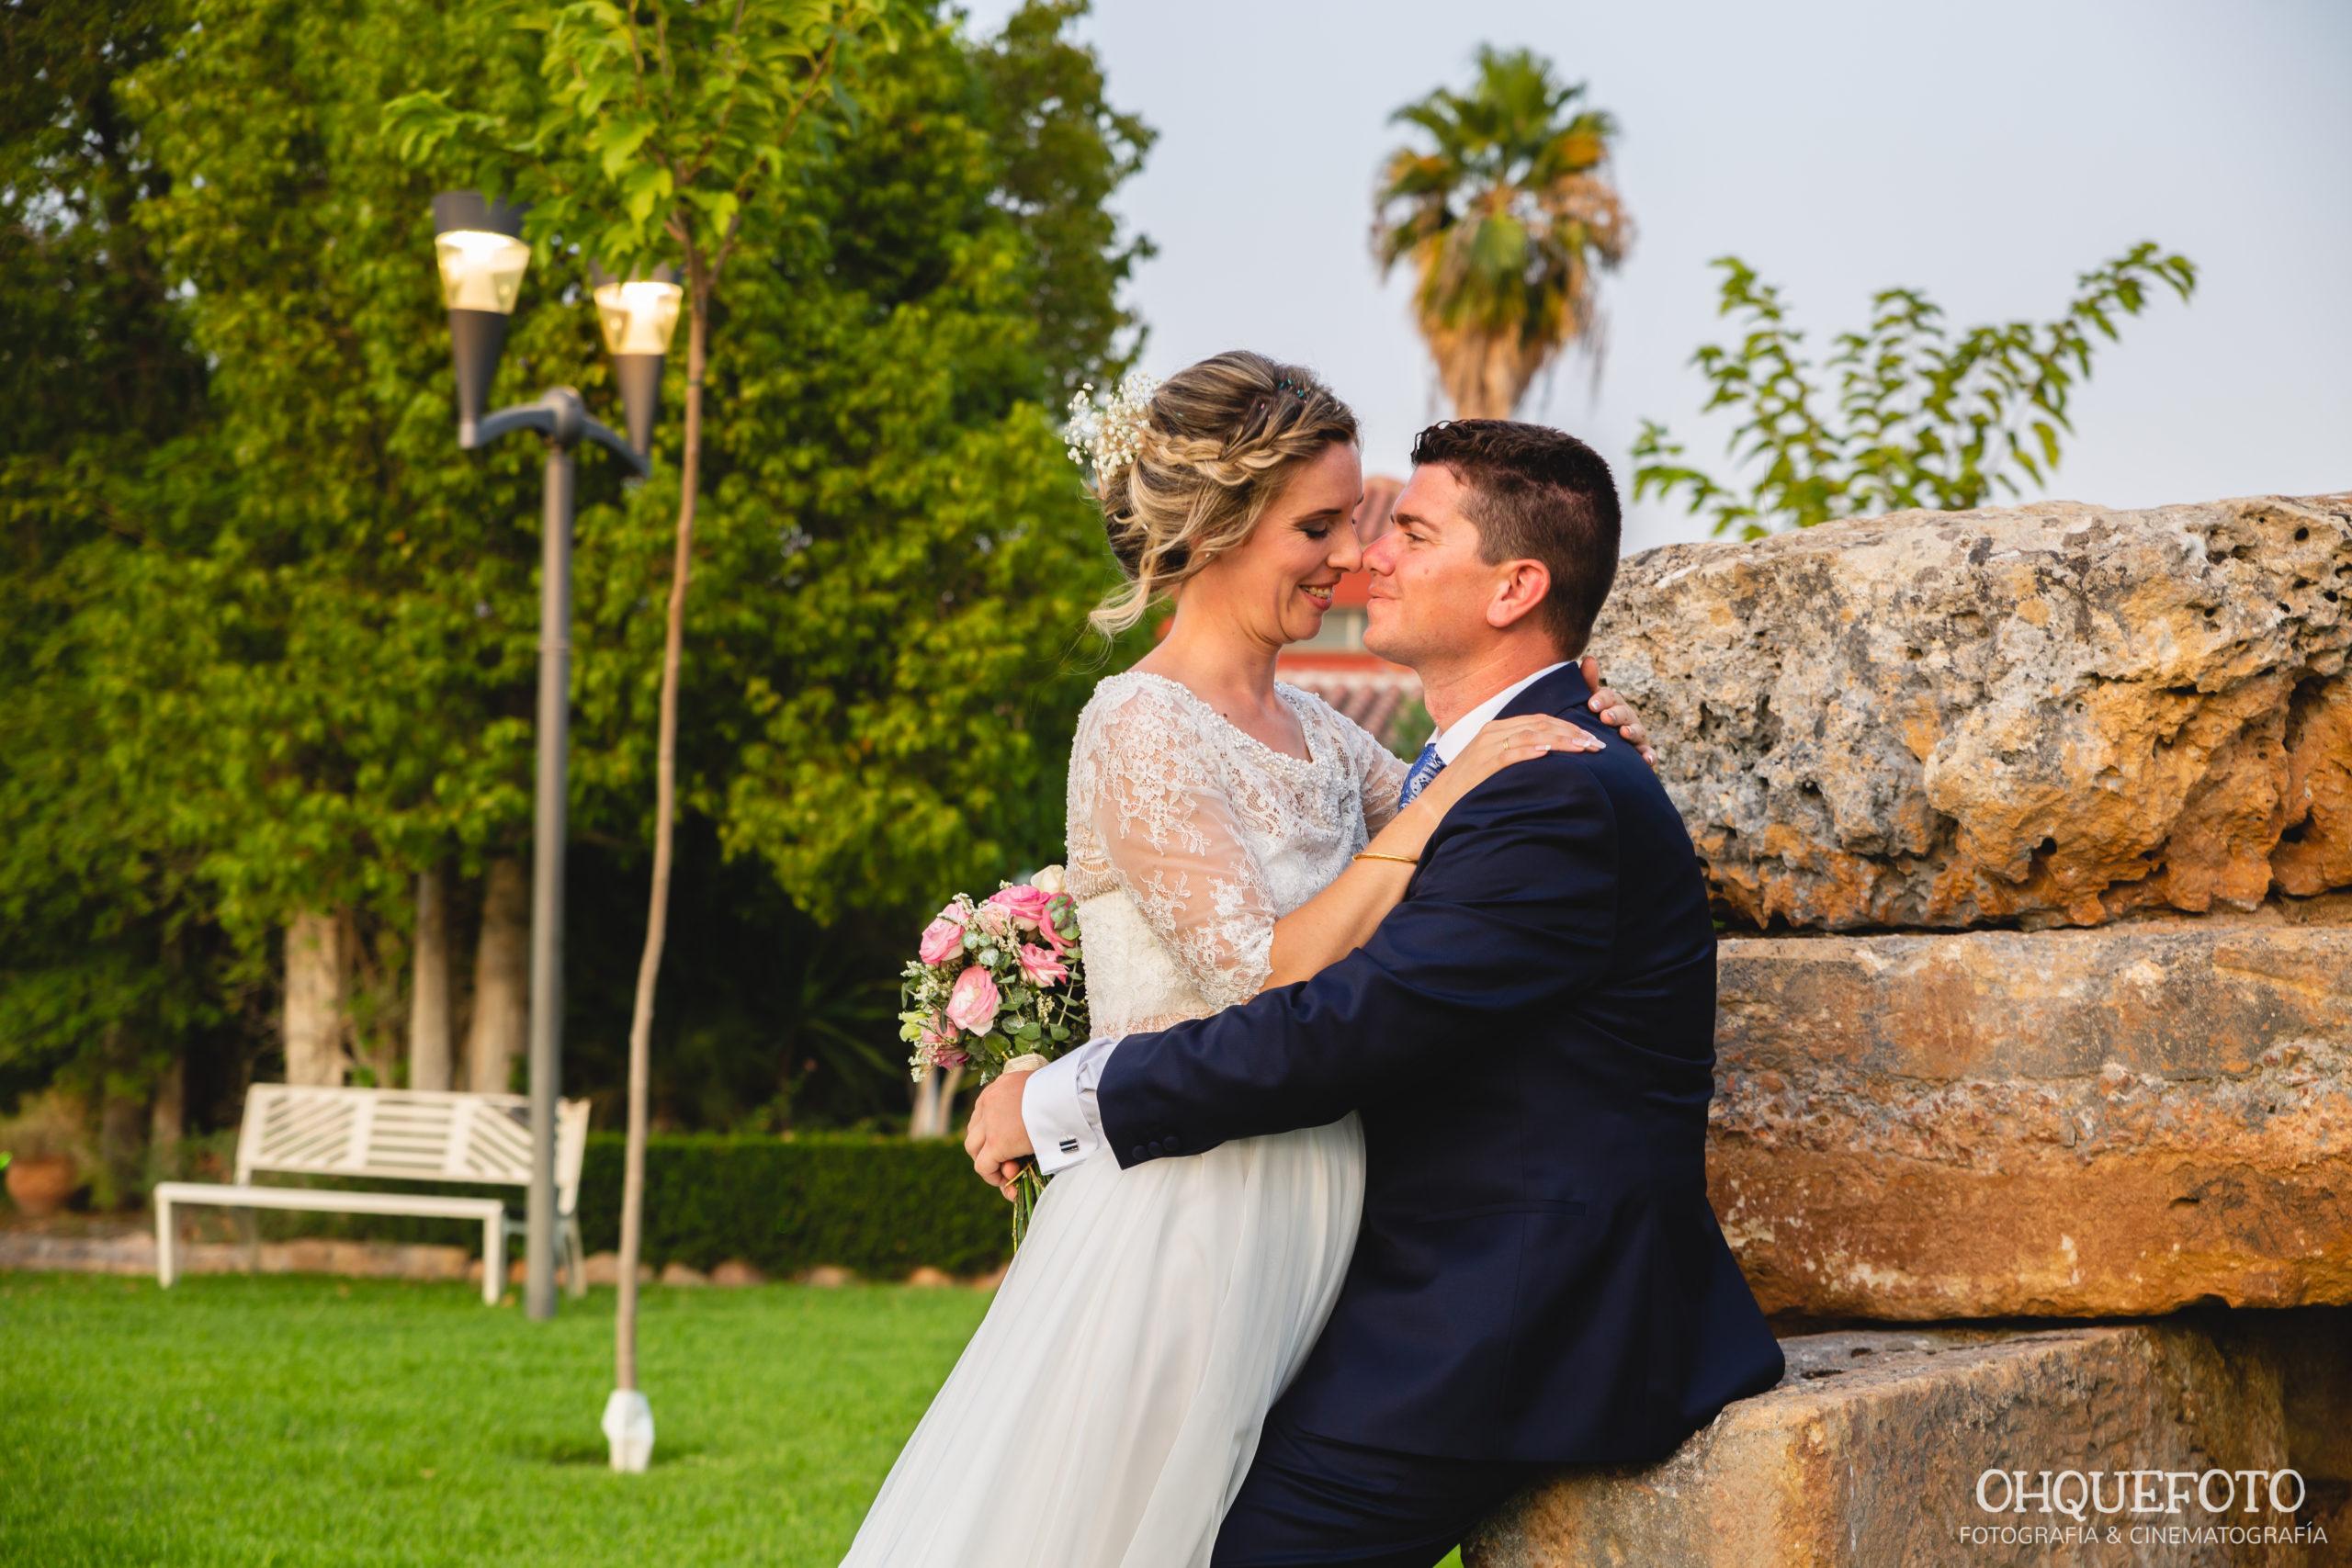 Boda-en-los-Jardines-del-Cardador-cordoba-reportaje-de-bodas7